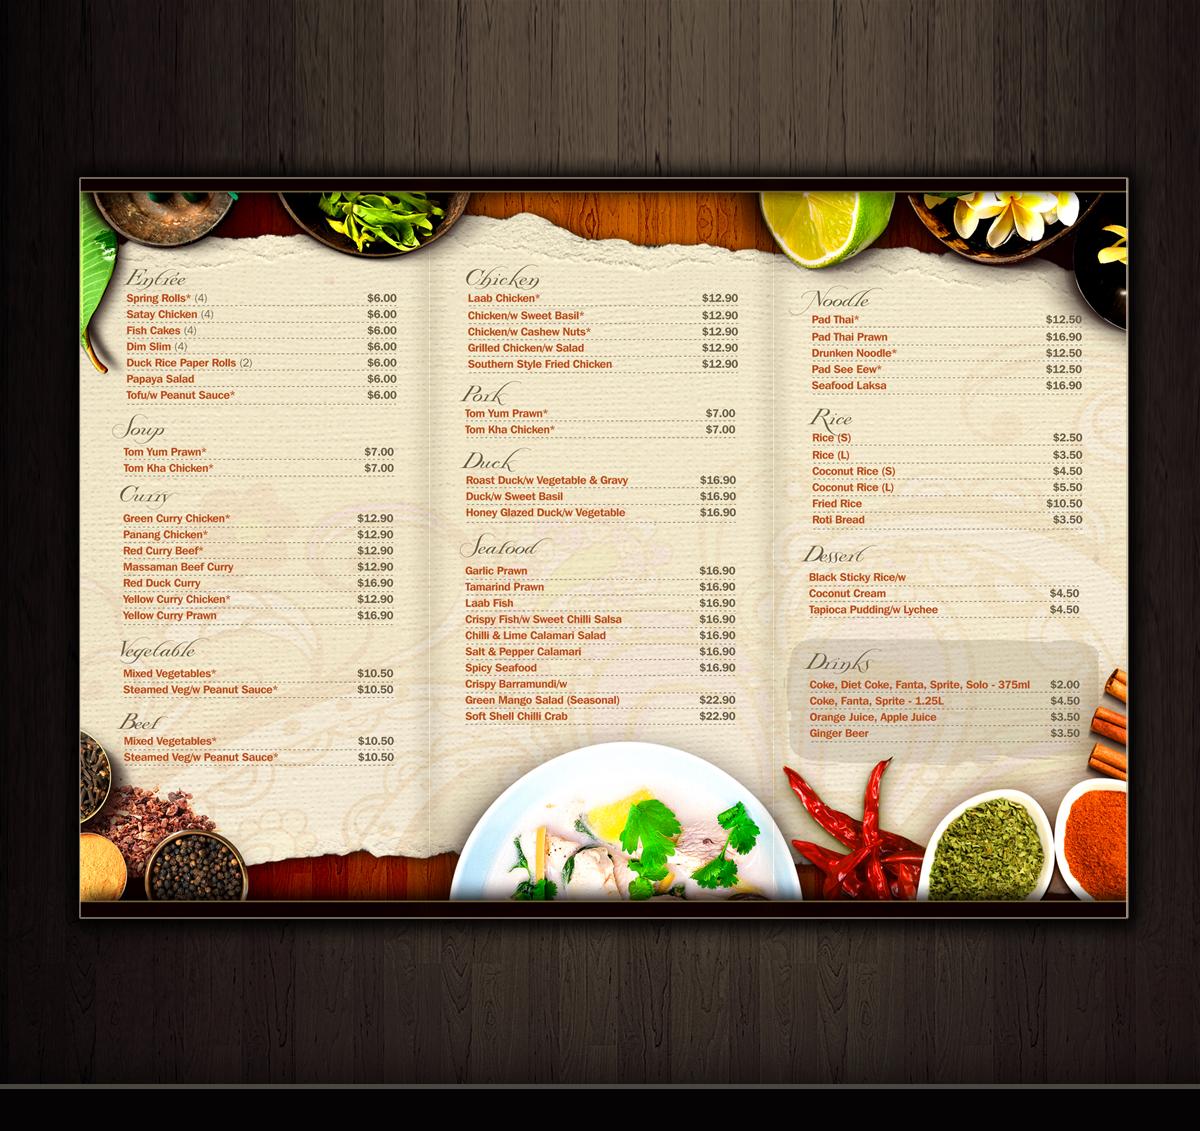 restaurant menu design images